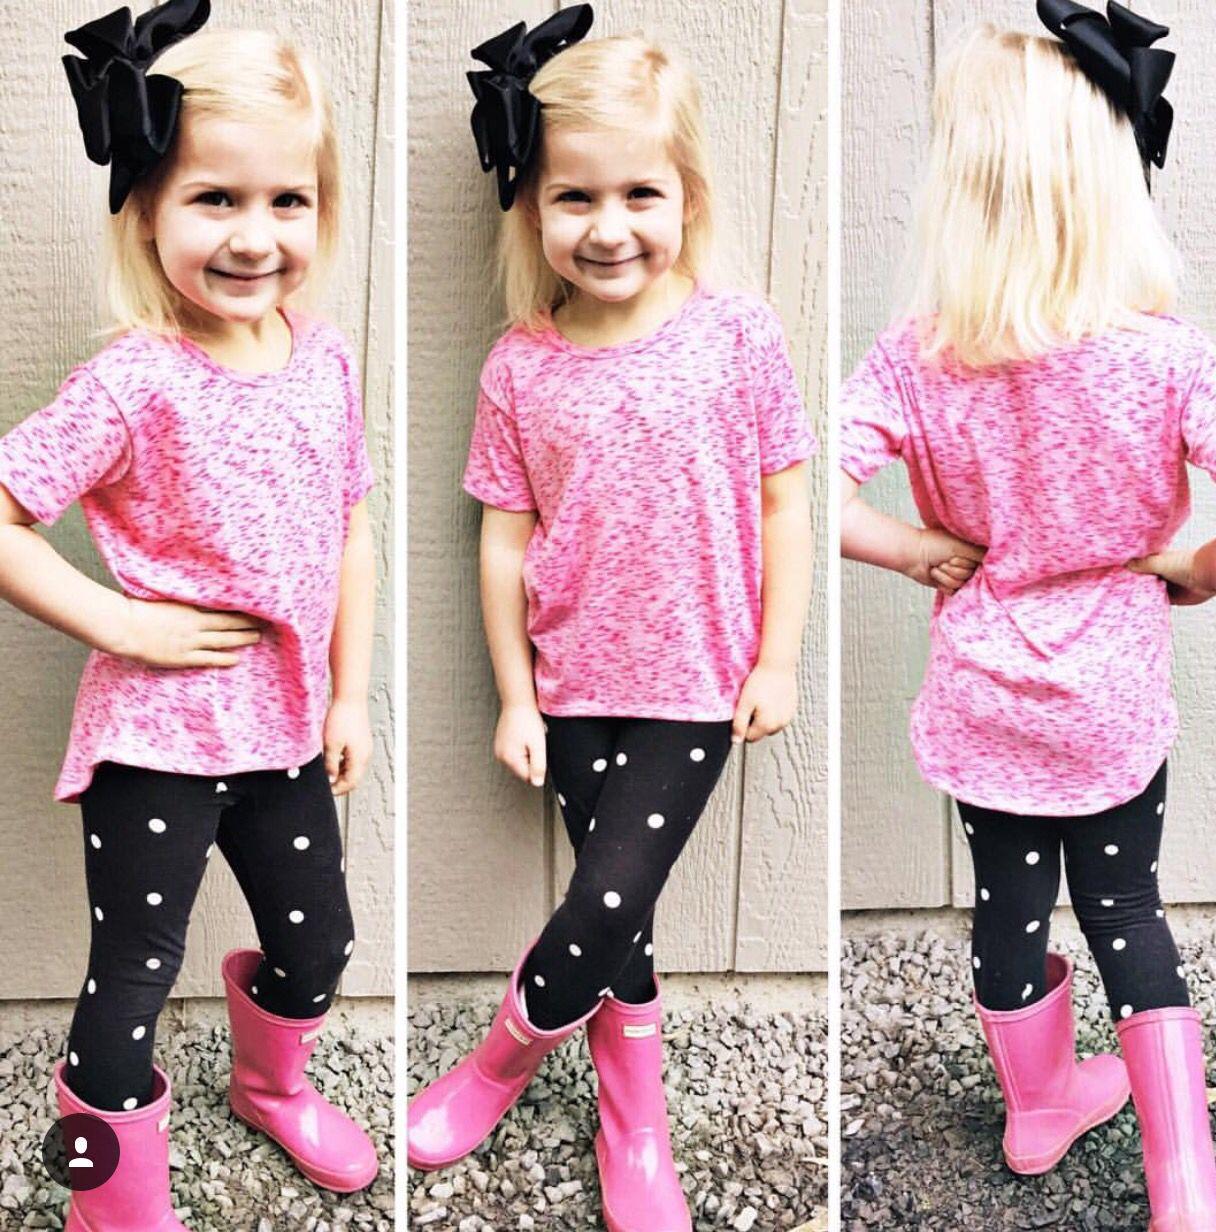 Little girls Gracie and leggings | LuLaRoe Clothing | Pinterest | Girls